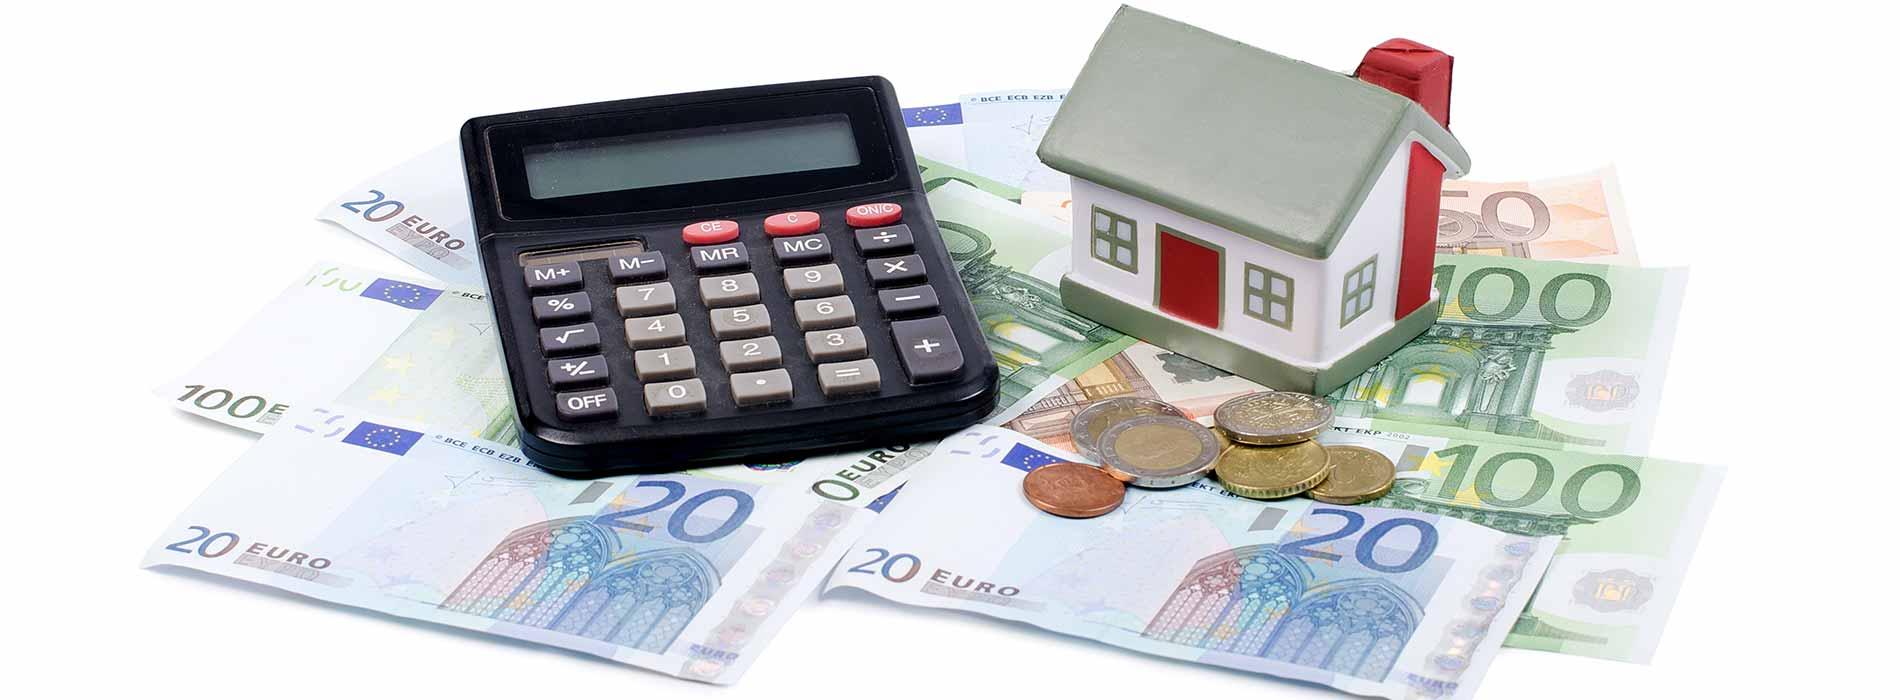 hipoteca-gastos-vencimiento-sabadell-tortajada-advocats-abogados